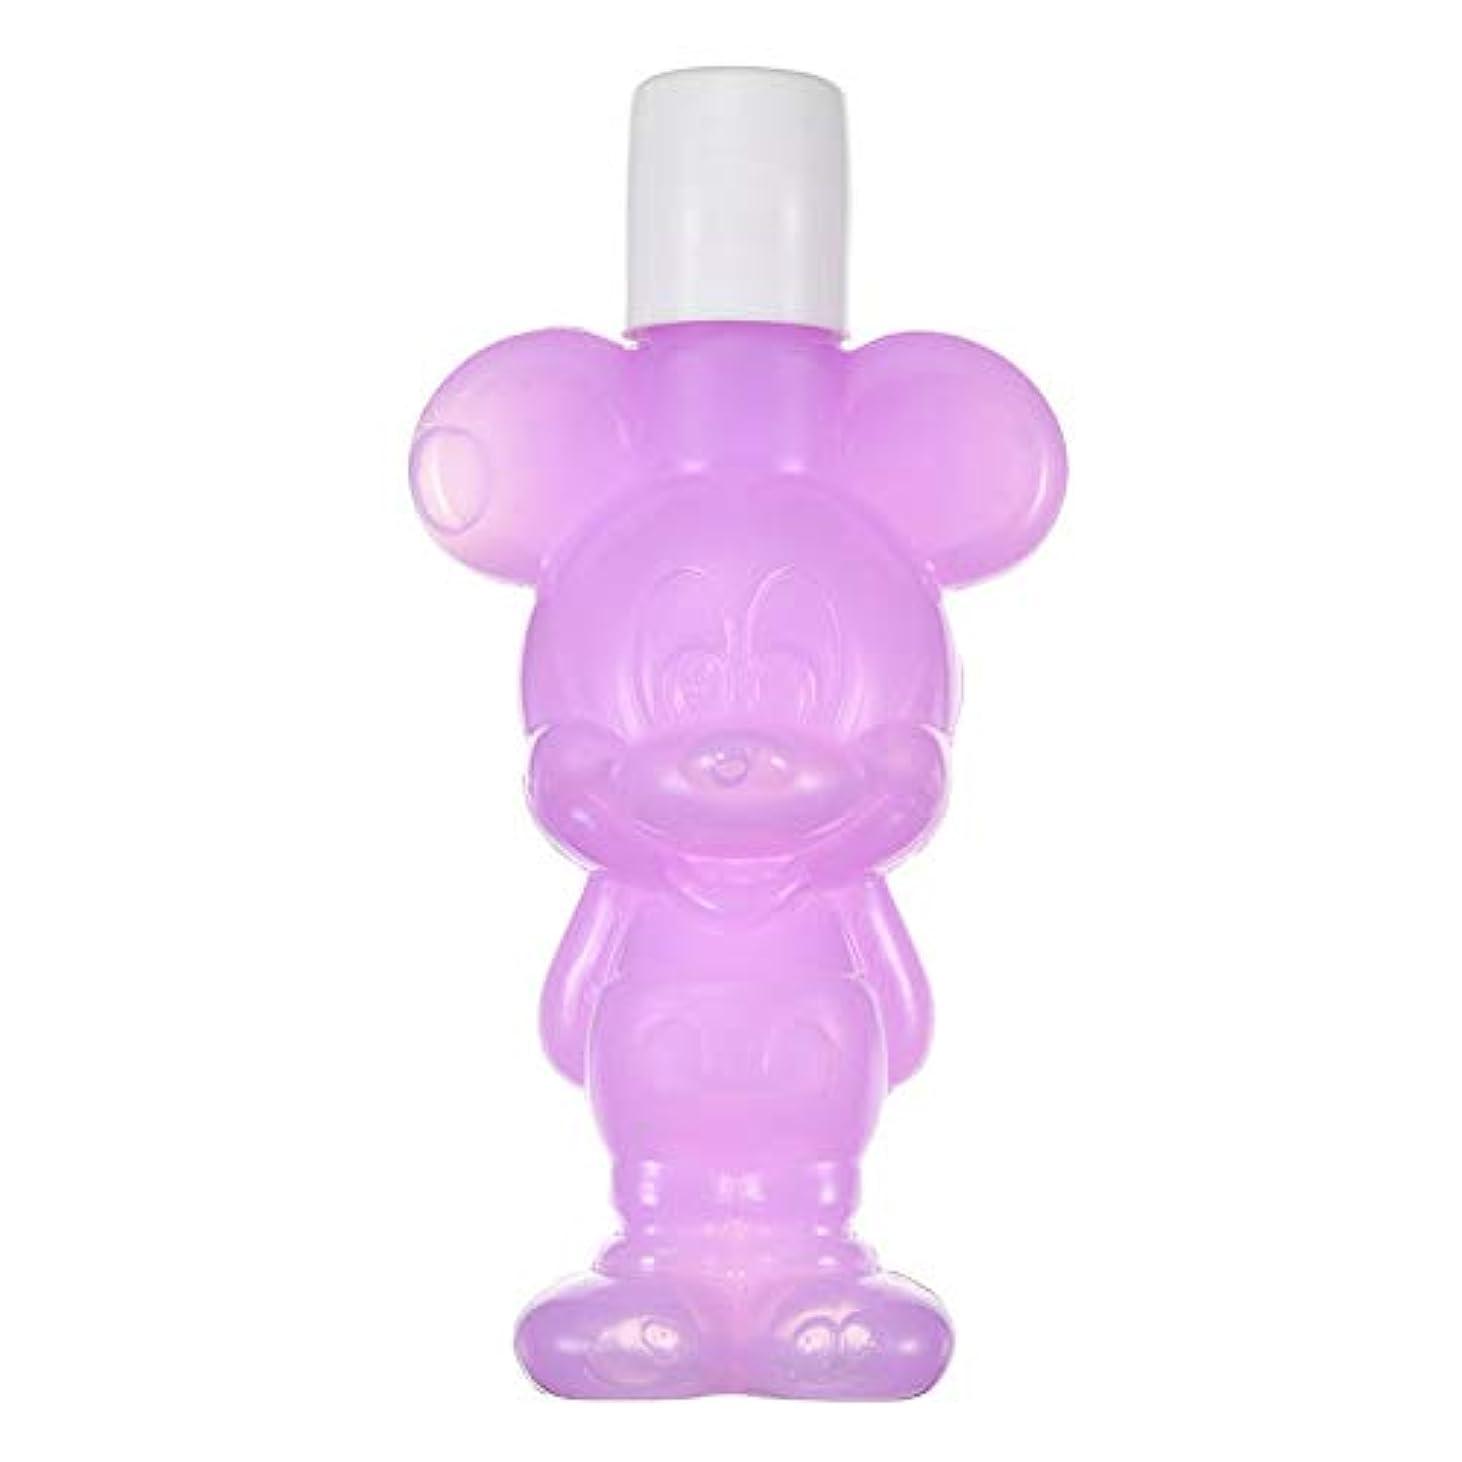 平和的令状牧師ディズニーストア(公式)保湿ジェル ミッキー パープル Gummy Candy Cosme